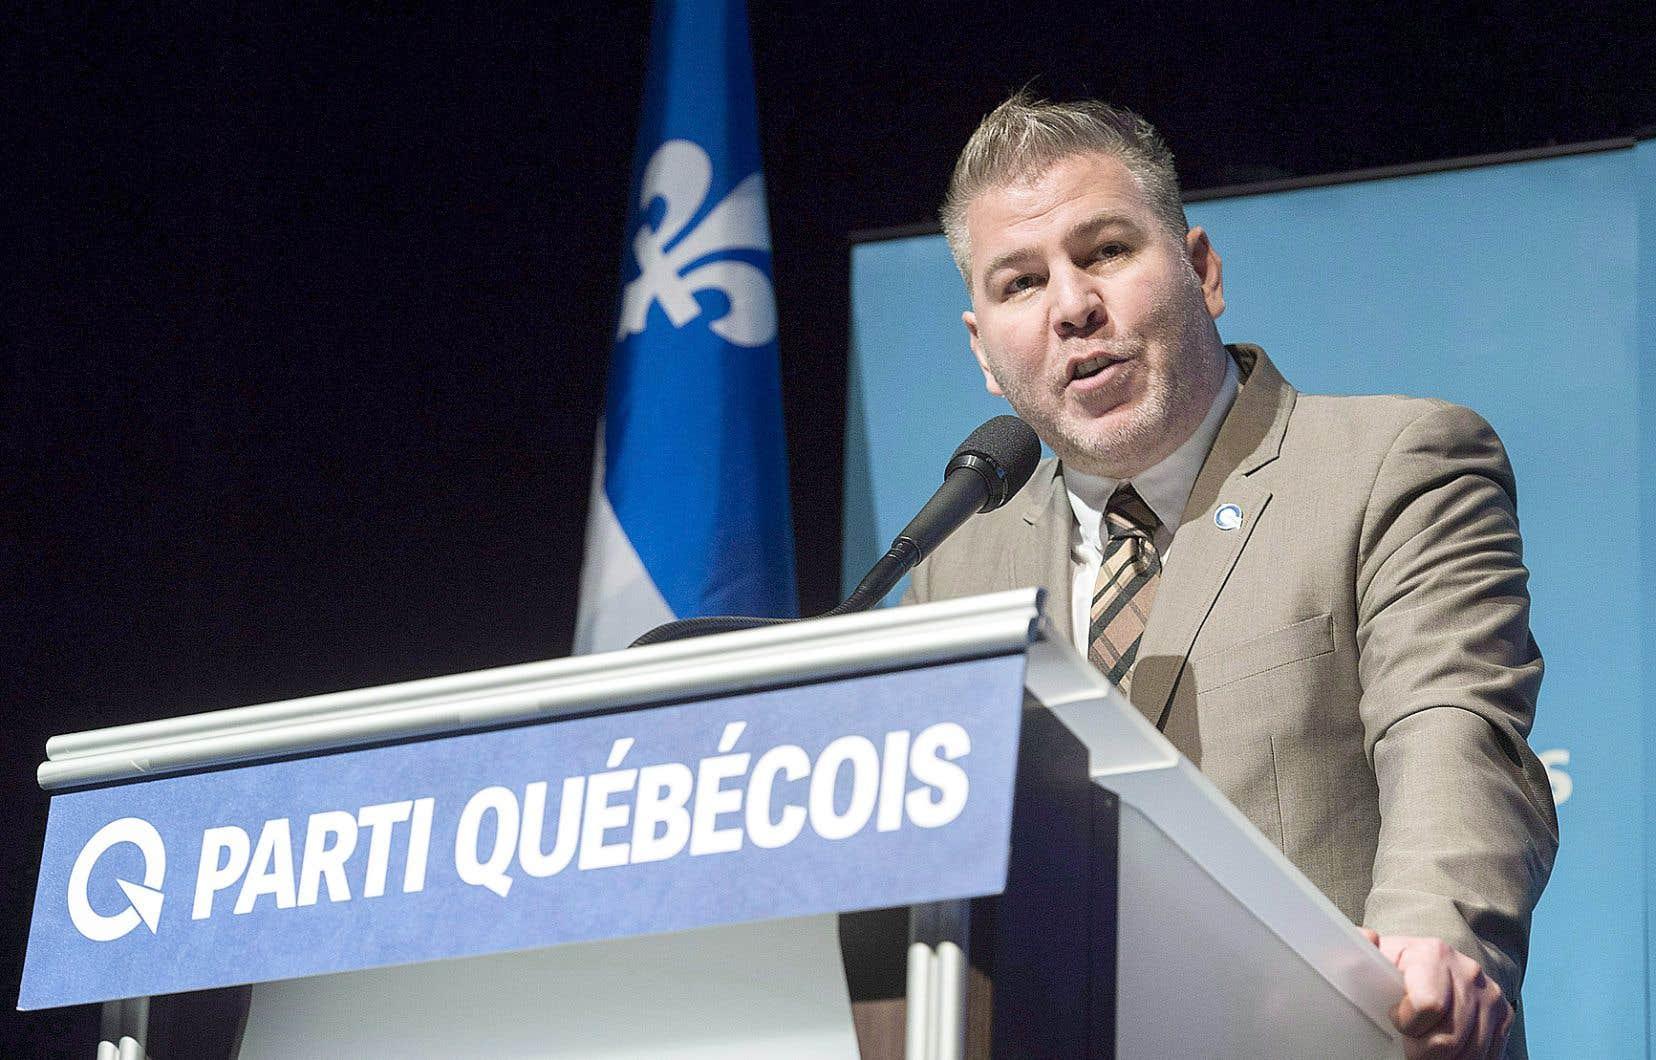 Le chef intérimaire du Parti québécois, Pascal Bérubé, lors d'une rencontre à Montréal en novembre dernier